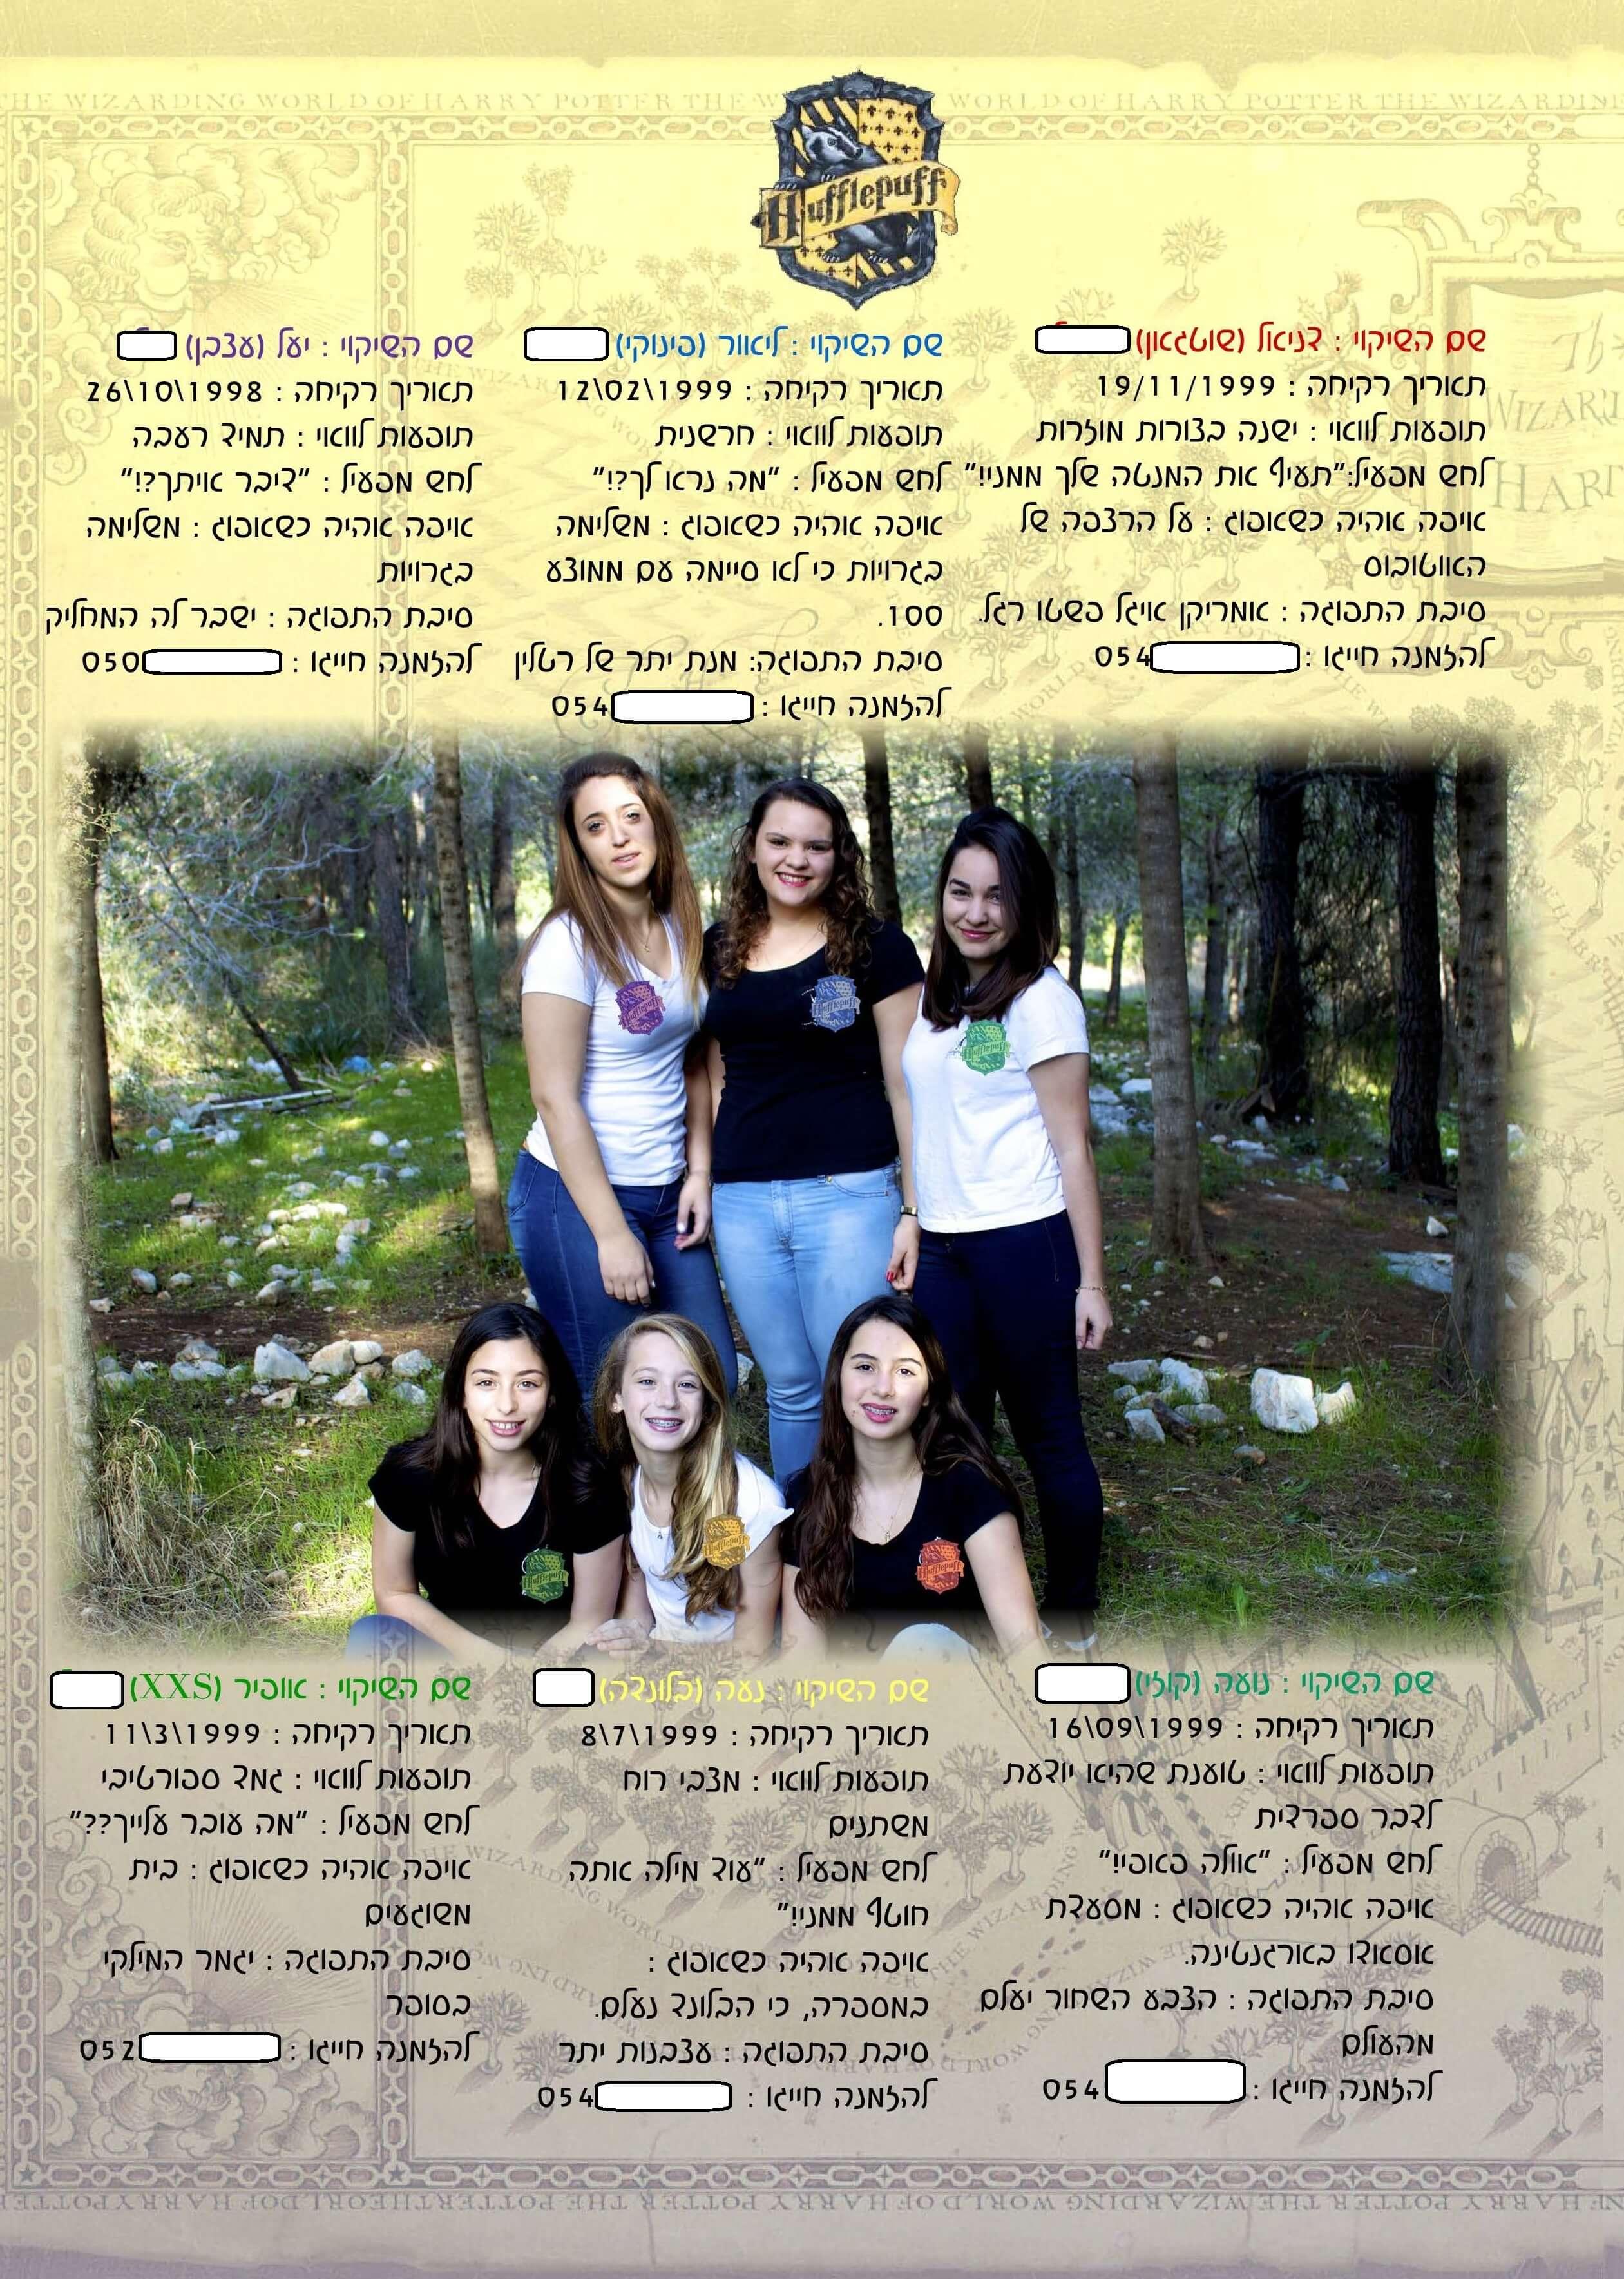 תמונה קבוצתית בספר